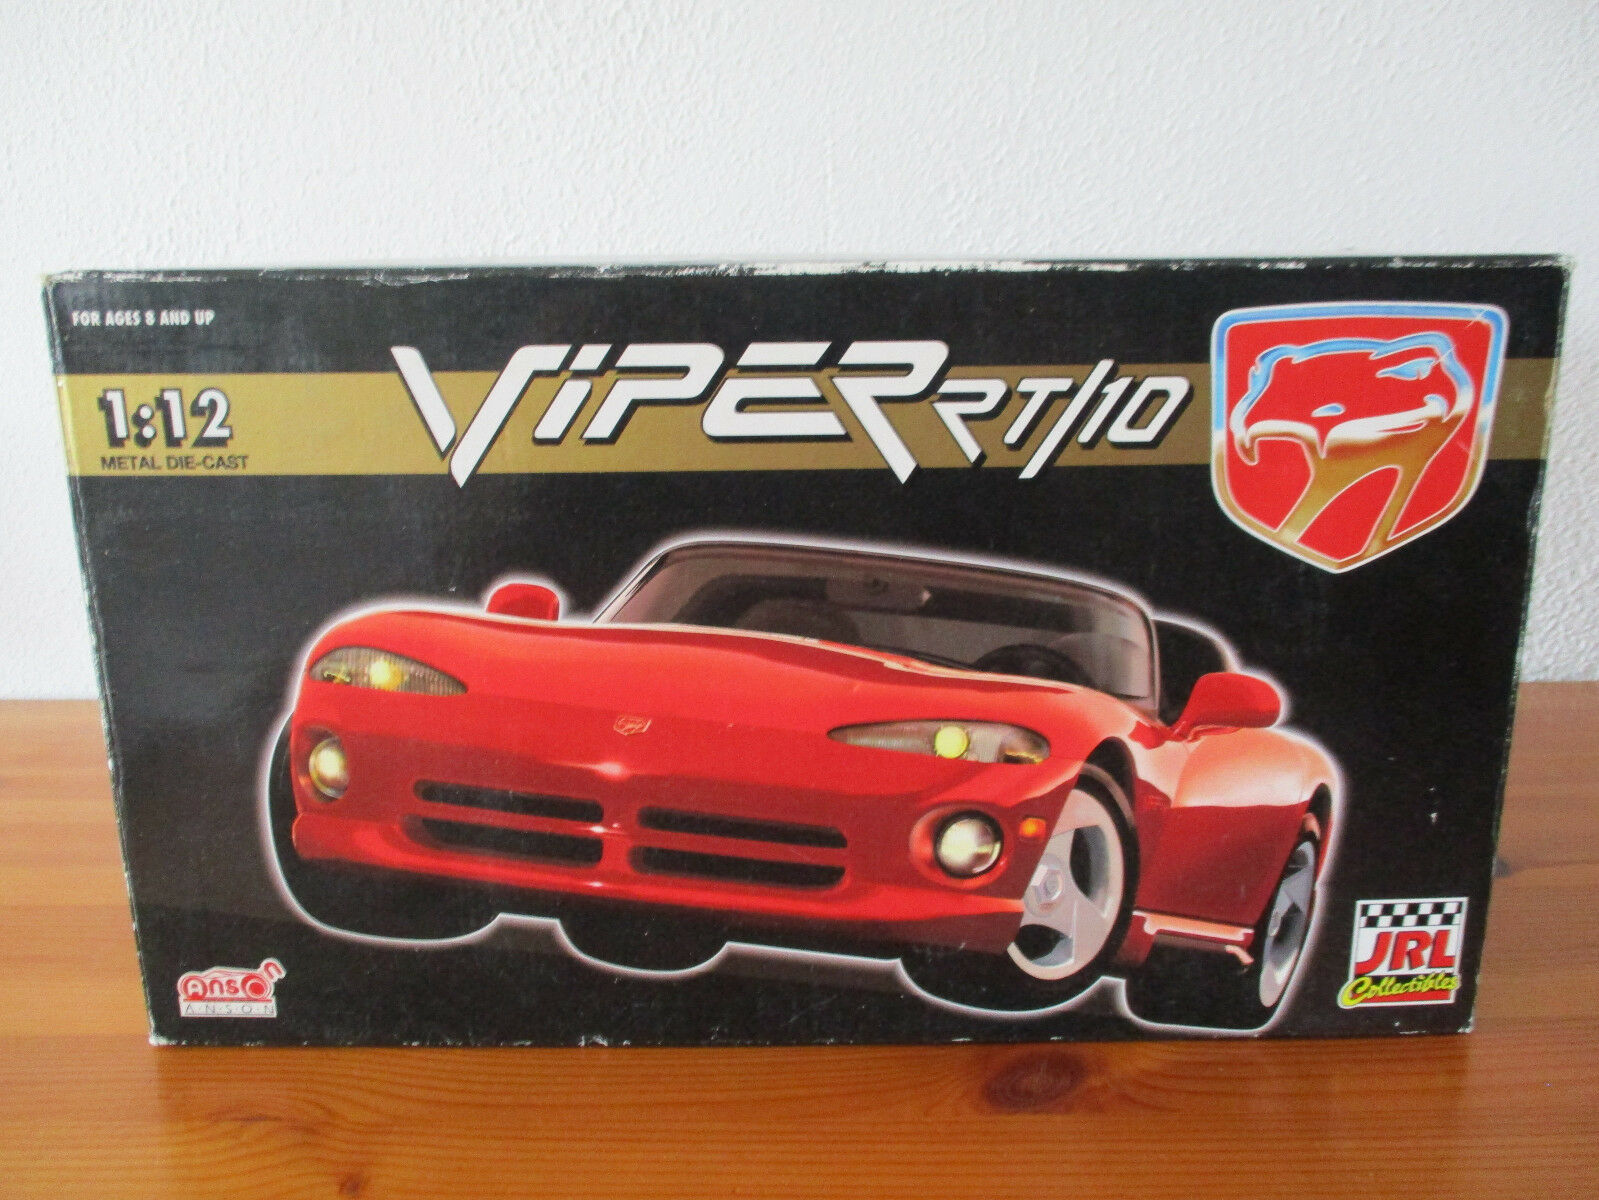 (Gor) 1:12 Anson Dodge VIPER VIPER VIPER rt/10 Nouveau neuf dans sa boîte   De Haute Qualité  0be948